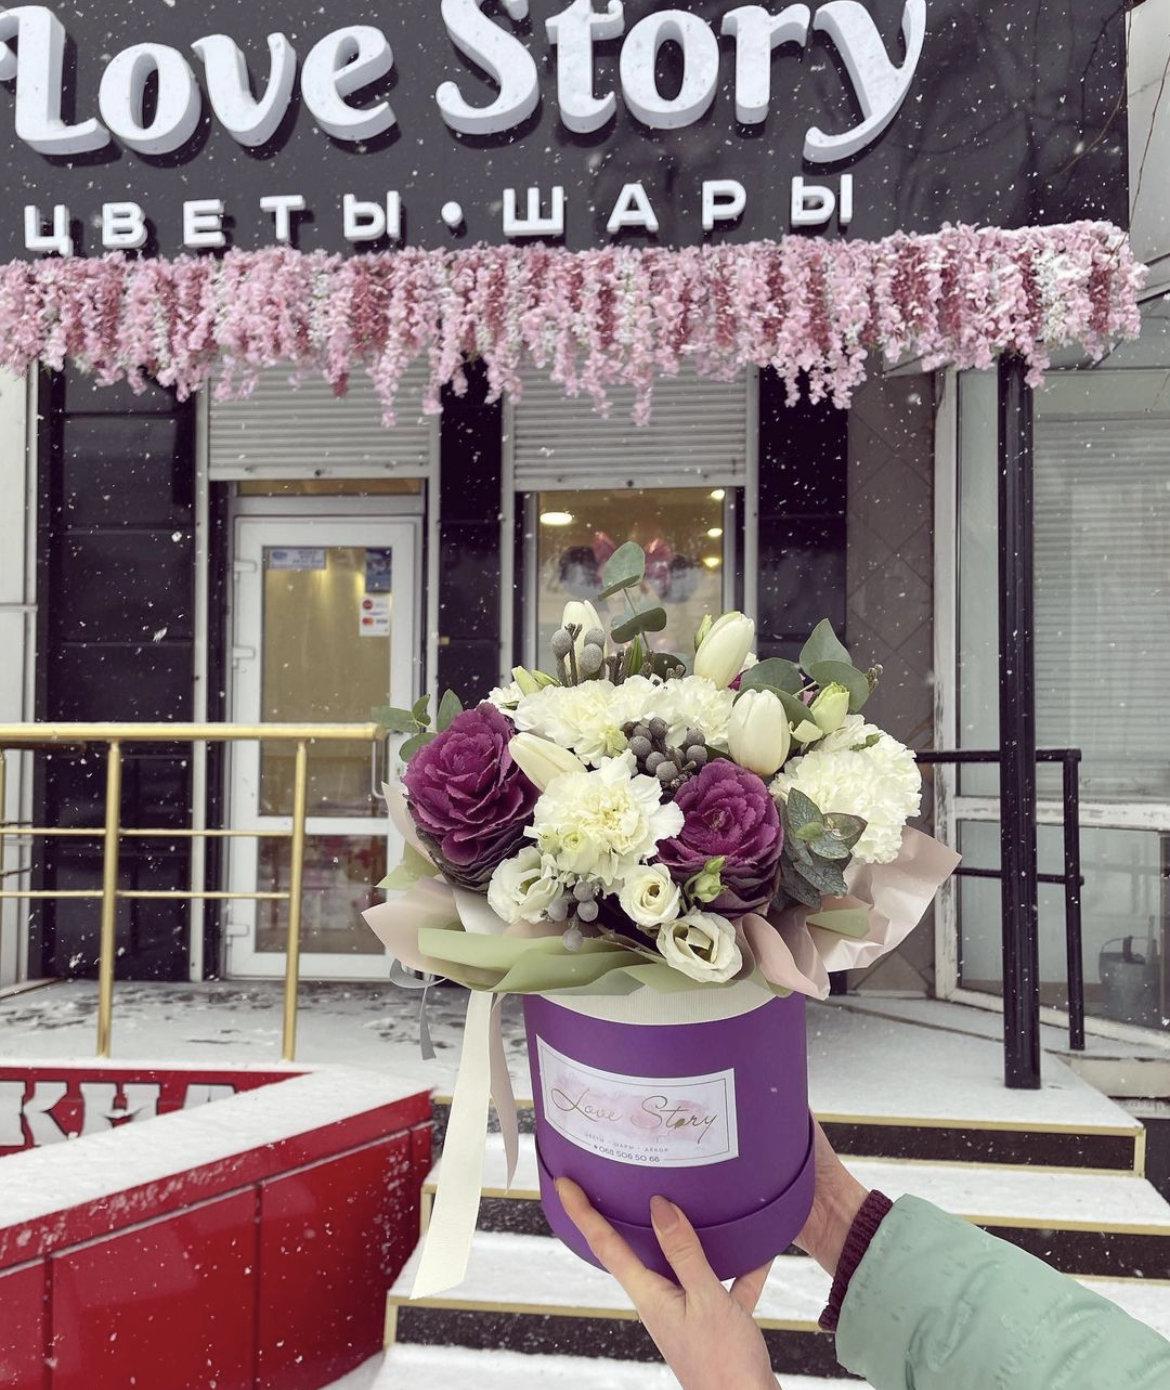 БЕСПЛАТНАЯ доставка голландских тюльпанов к вашему дому!, фото-4